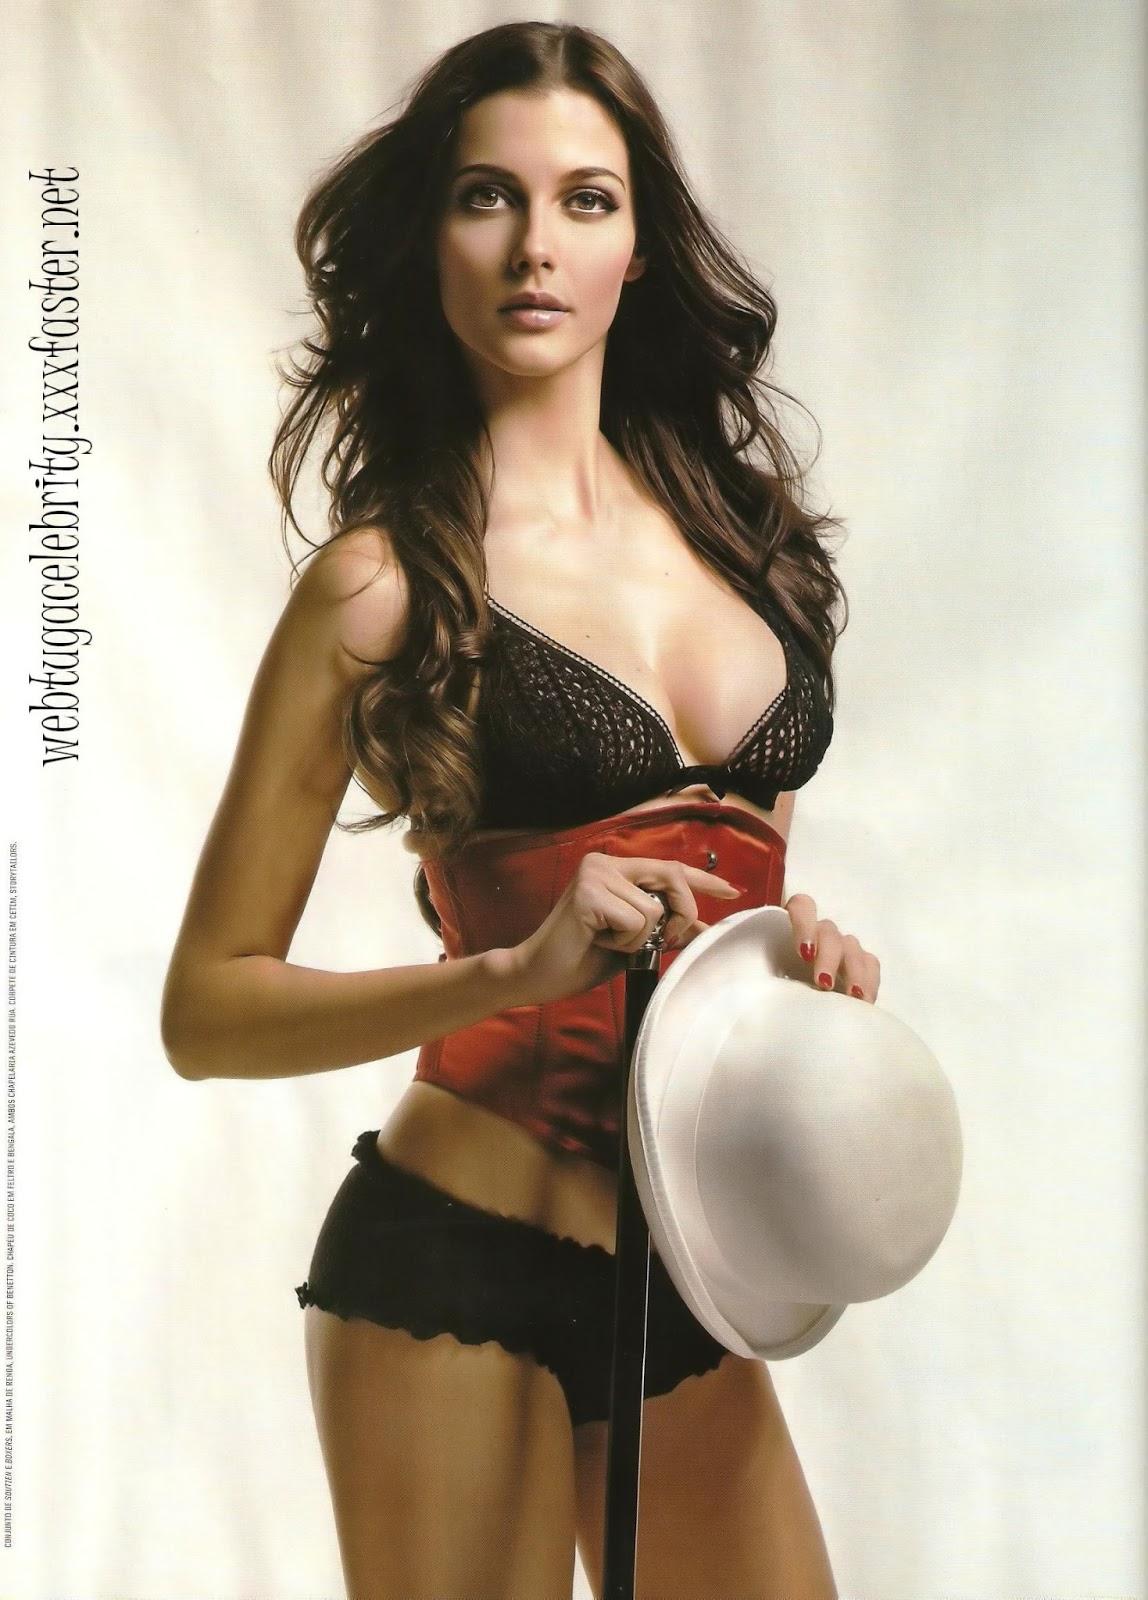 Hacked Fernanda de Freitas  nudes (43 photo), YouTube, cameltoe